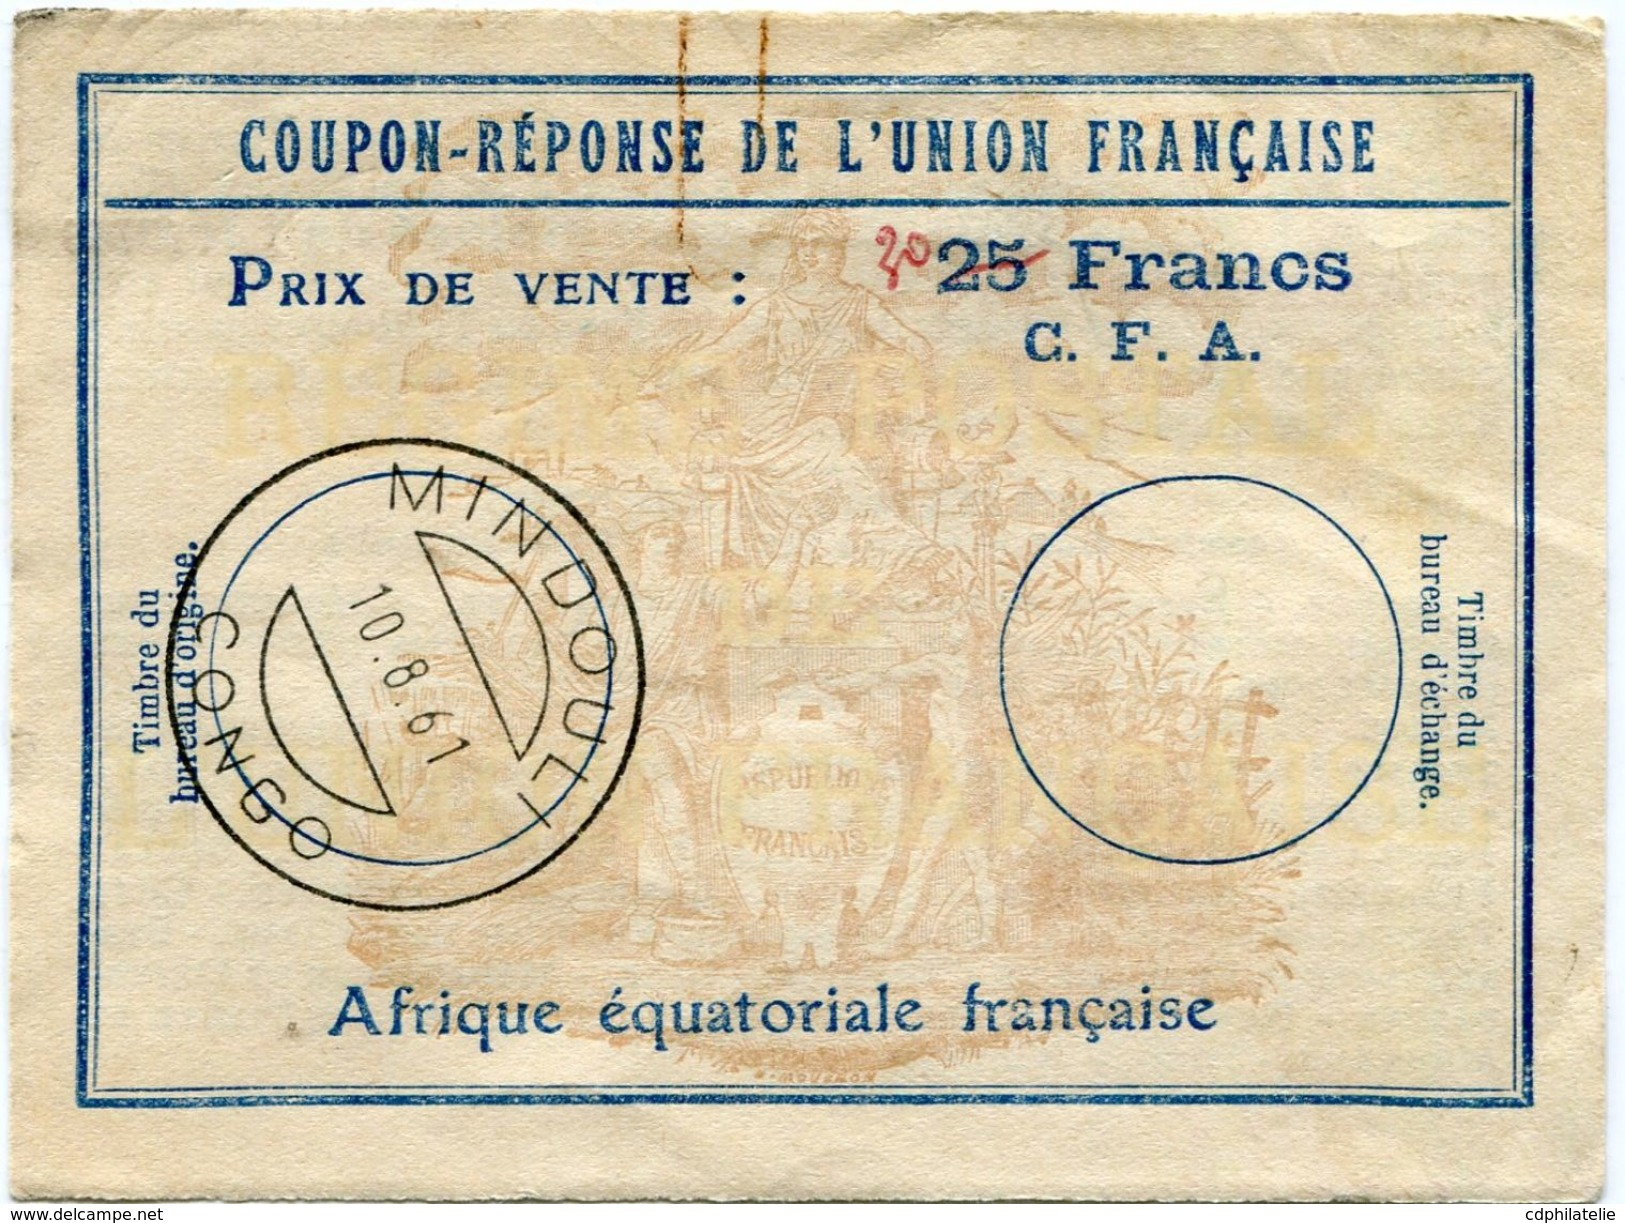 A. E. F. COUPON-REPONSE DE L'UNION FRANCAISE DE 25 FRANCS C.F.A. MAJORE DE 5 FRANCS.....AVEC OBL. MINDOULI 10-8-61 CONGO - Brieven En Documenten